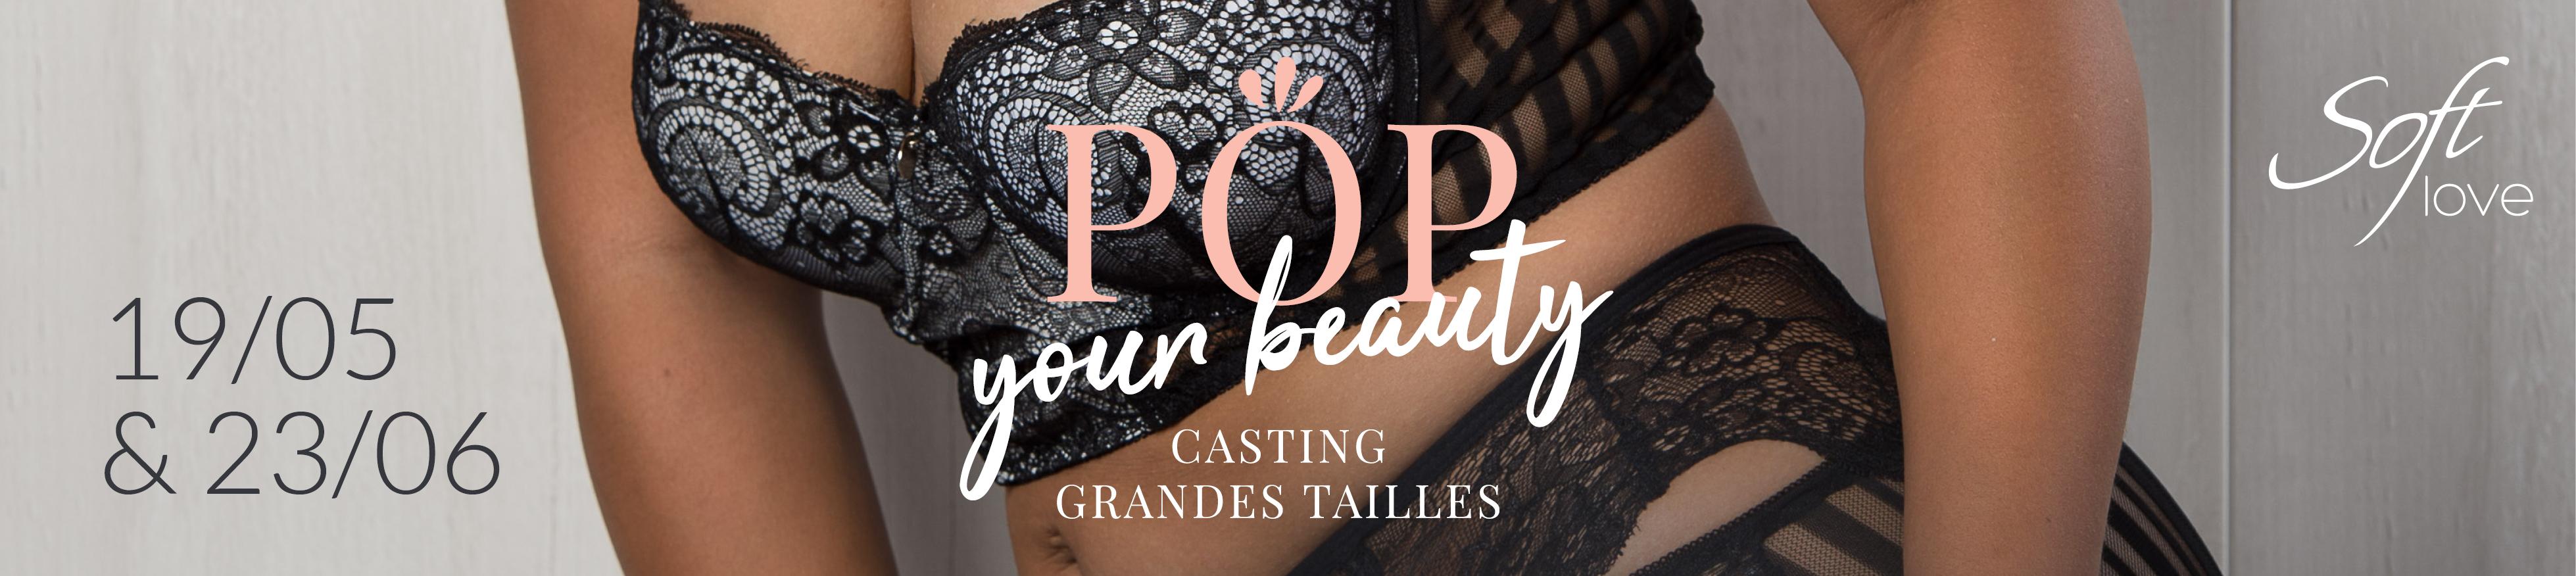 pop-your-beauty-lingerie-casting-grandes-tailles